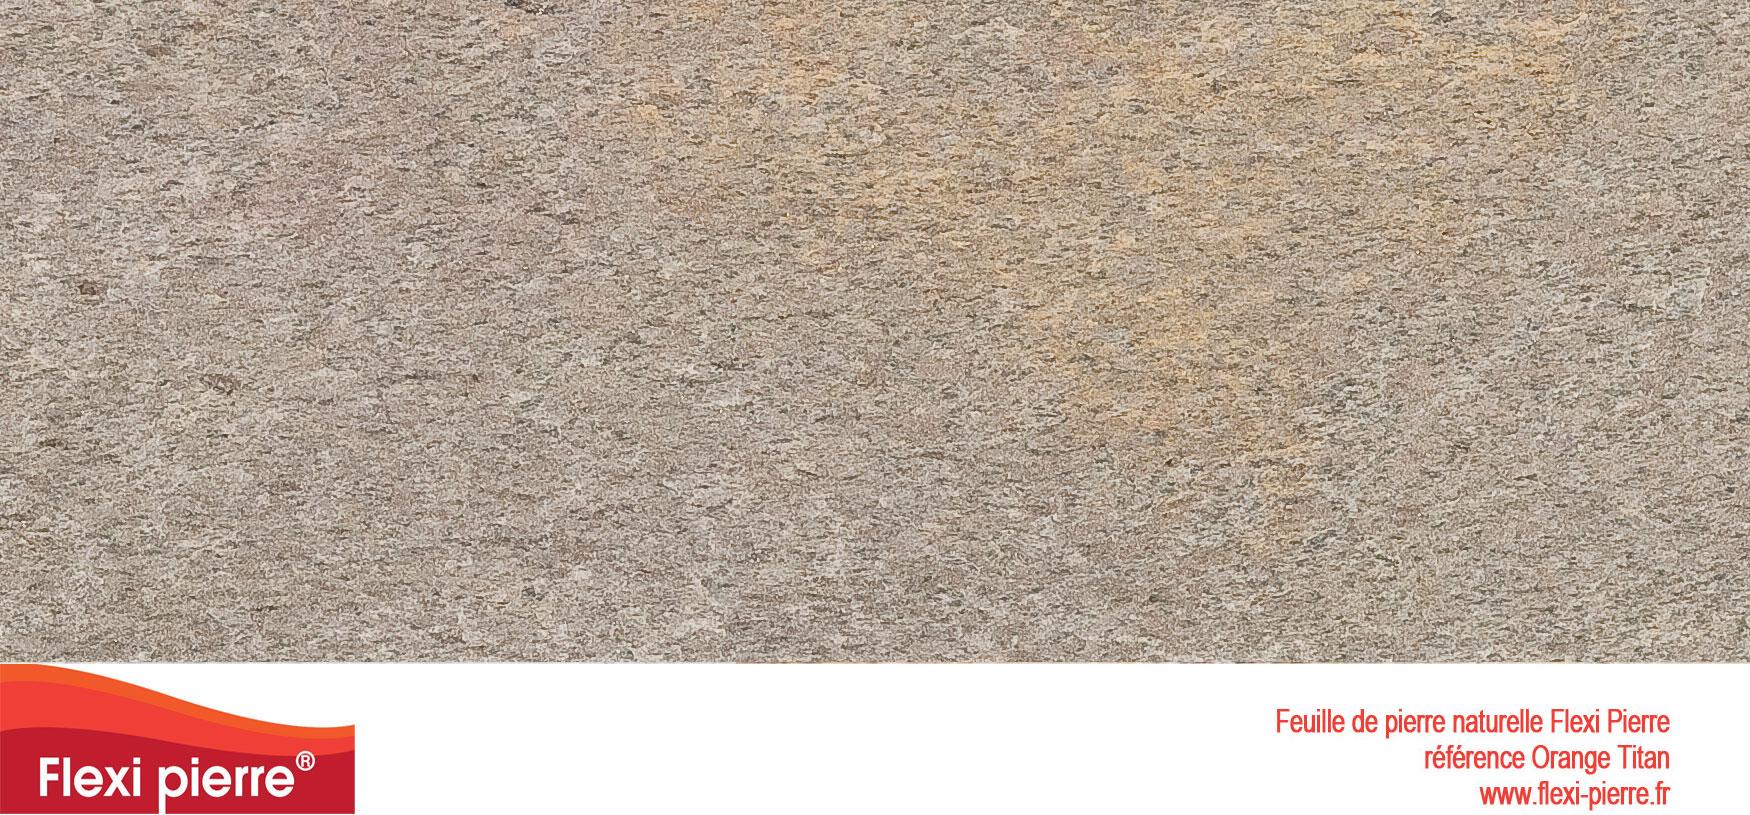 Feuille de pierre Flexi-Pierre, référence Orange Titan. Cliquez pour agrandir.